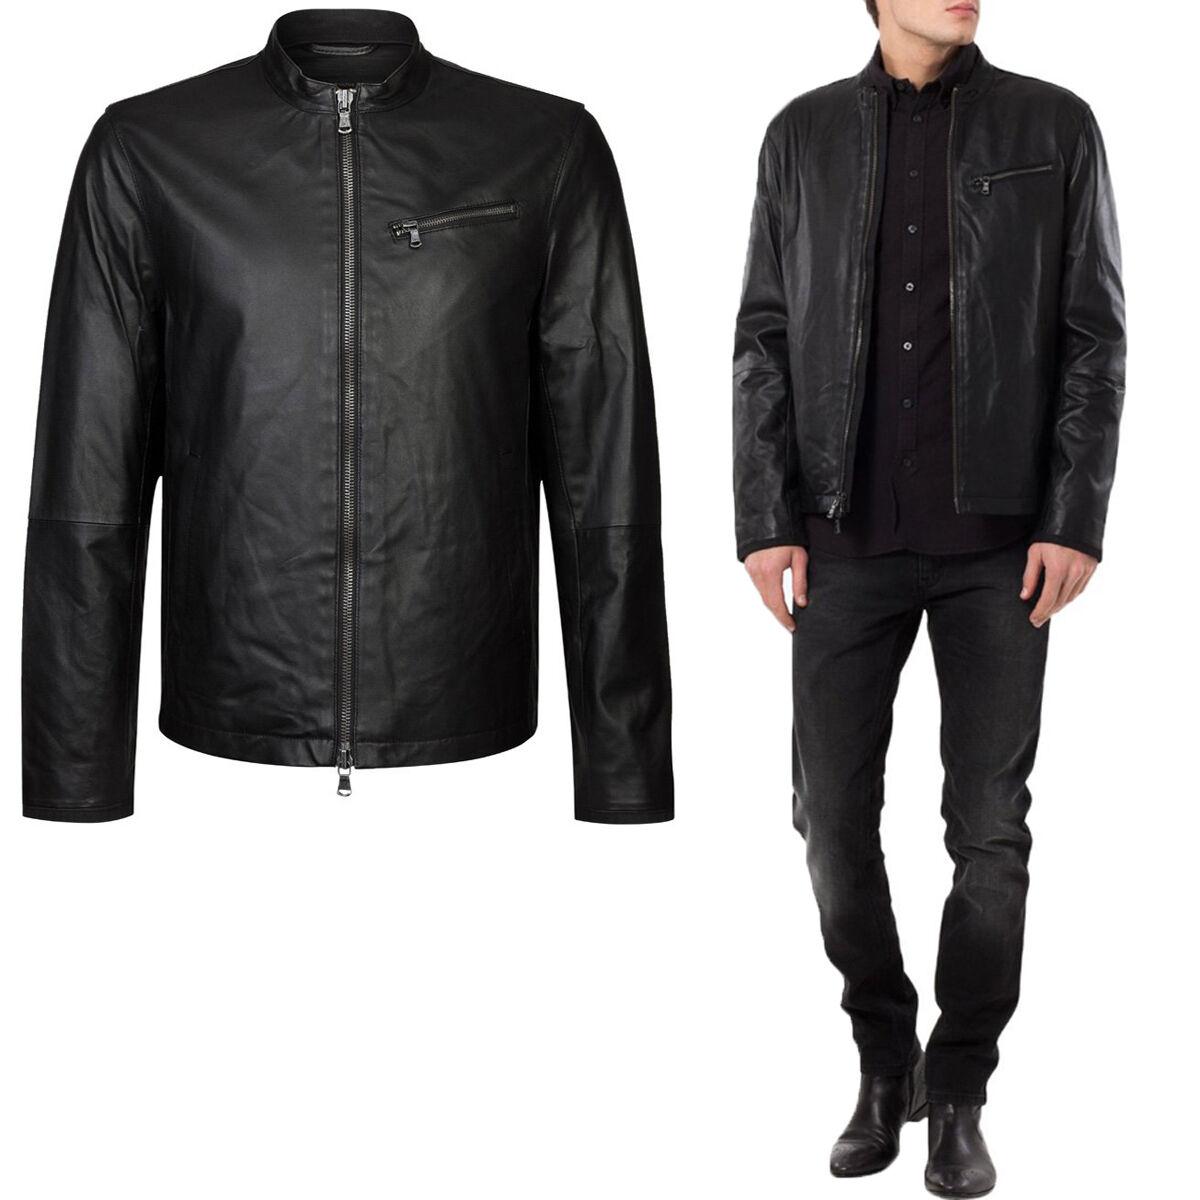 Abrigo de chaqueta de cuero para hombre DE Herren Lederjacke Biker Homme Veste En cuir R65